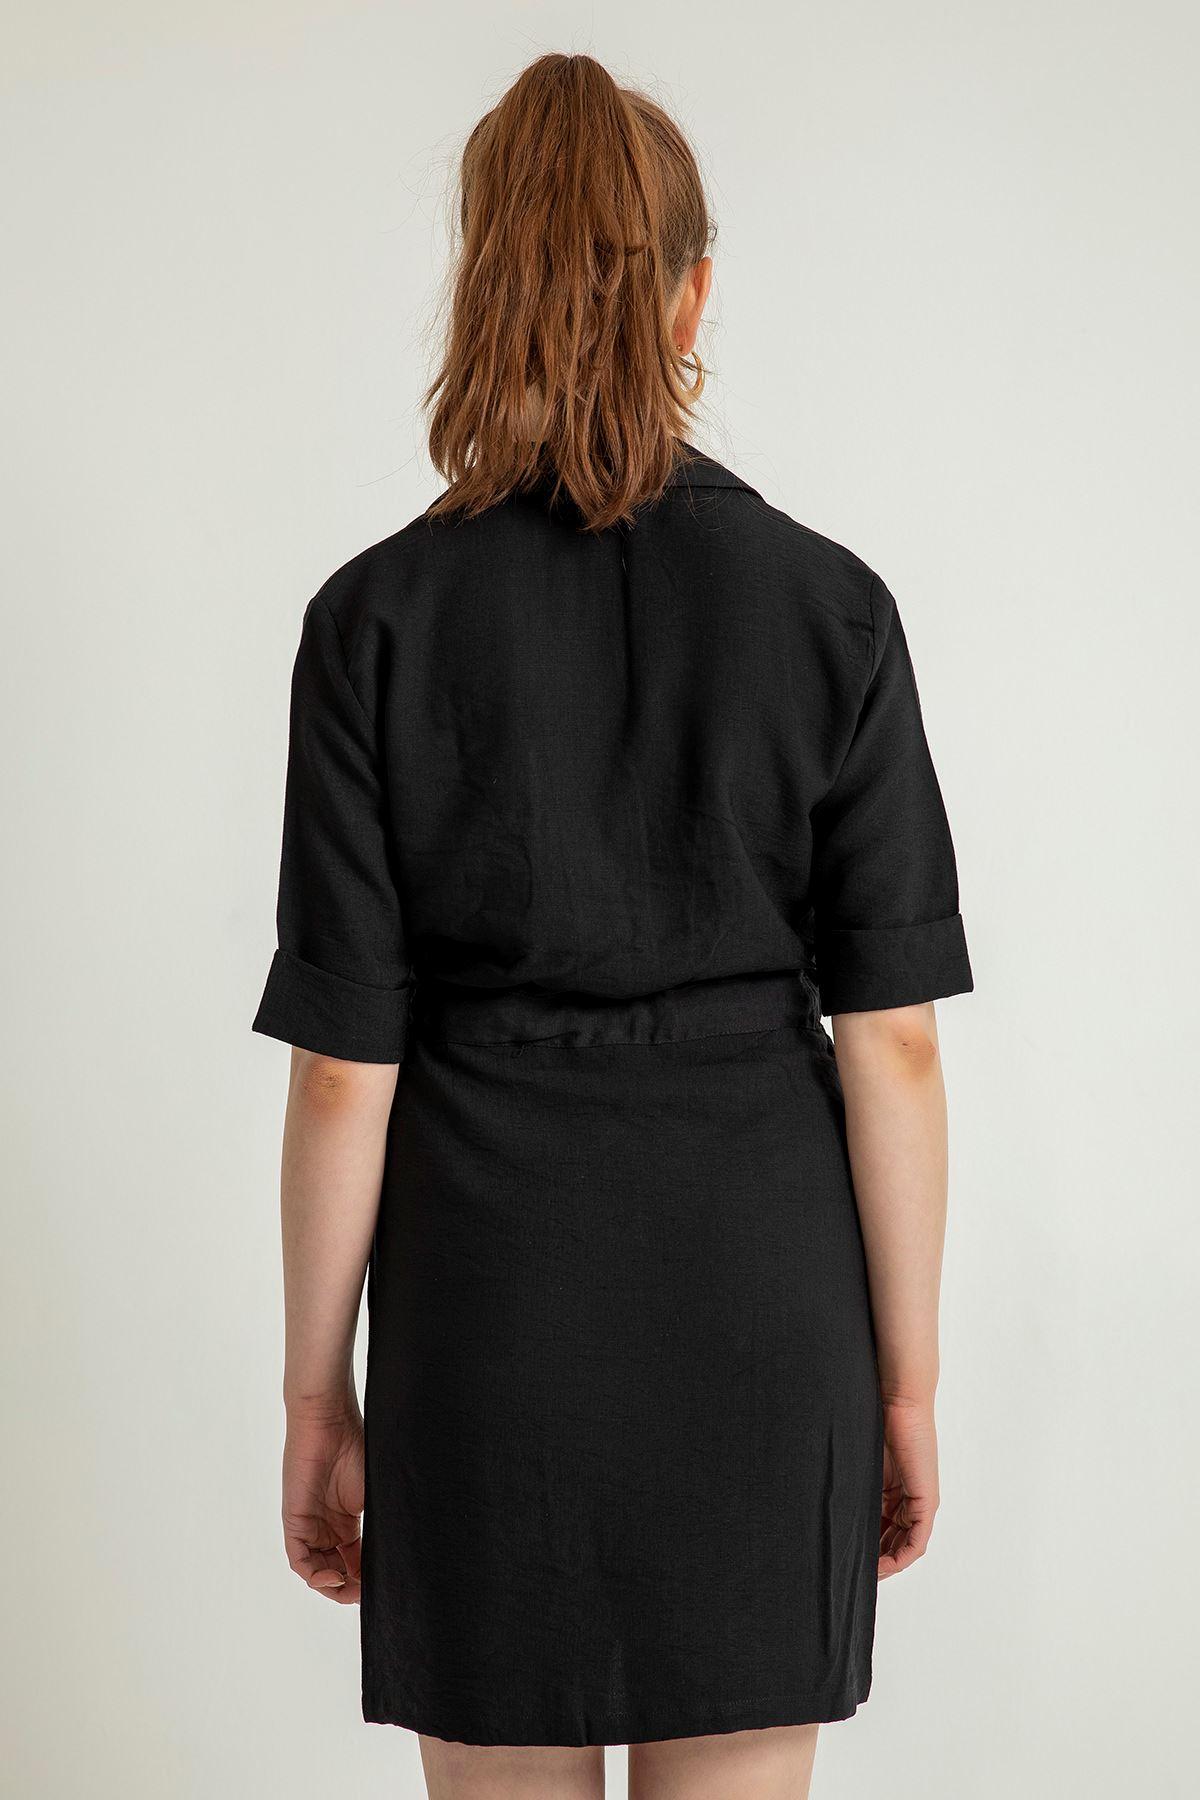 Beli Bağlamalı Kısa Kol Elbise-Siyah